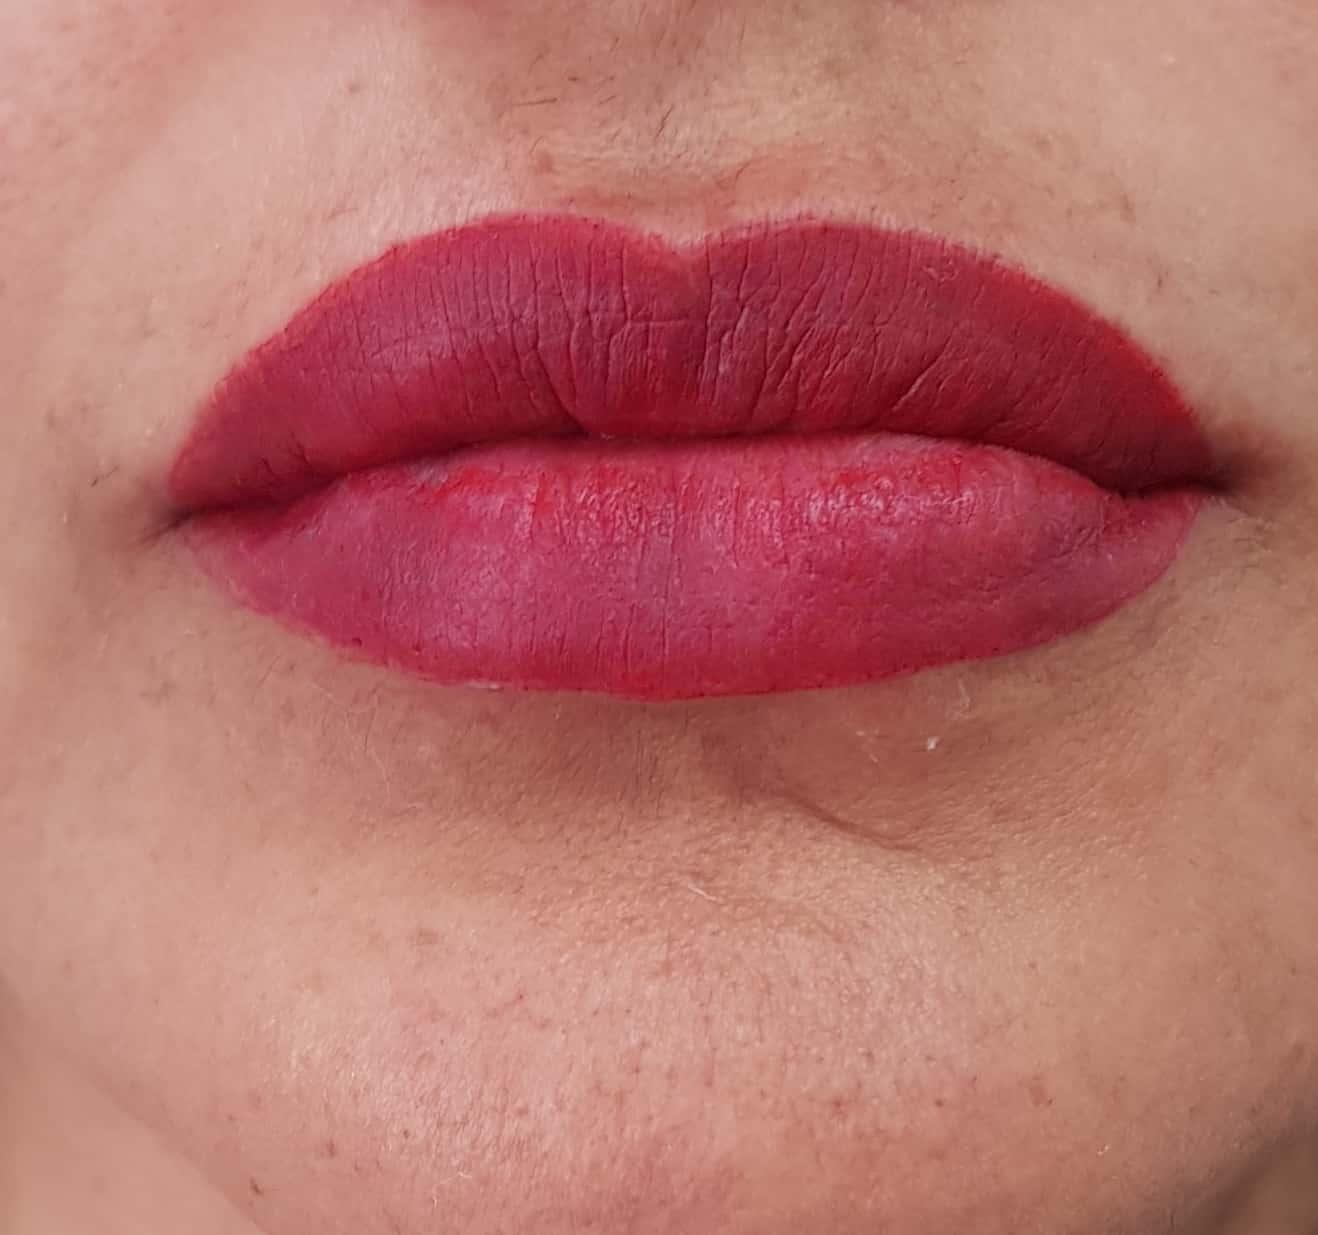 שפתיים בורדו